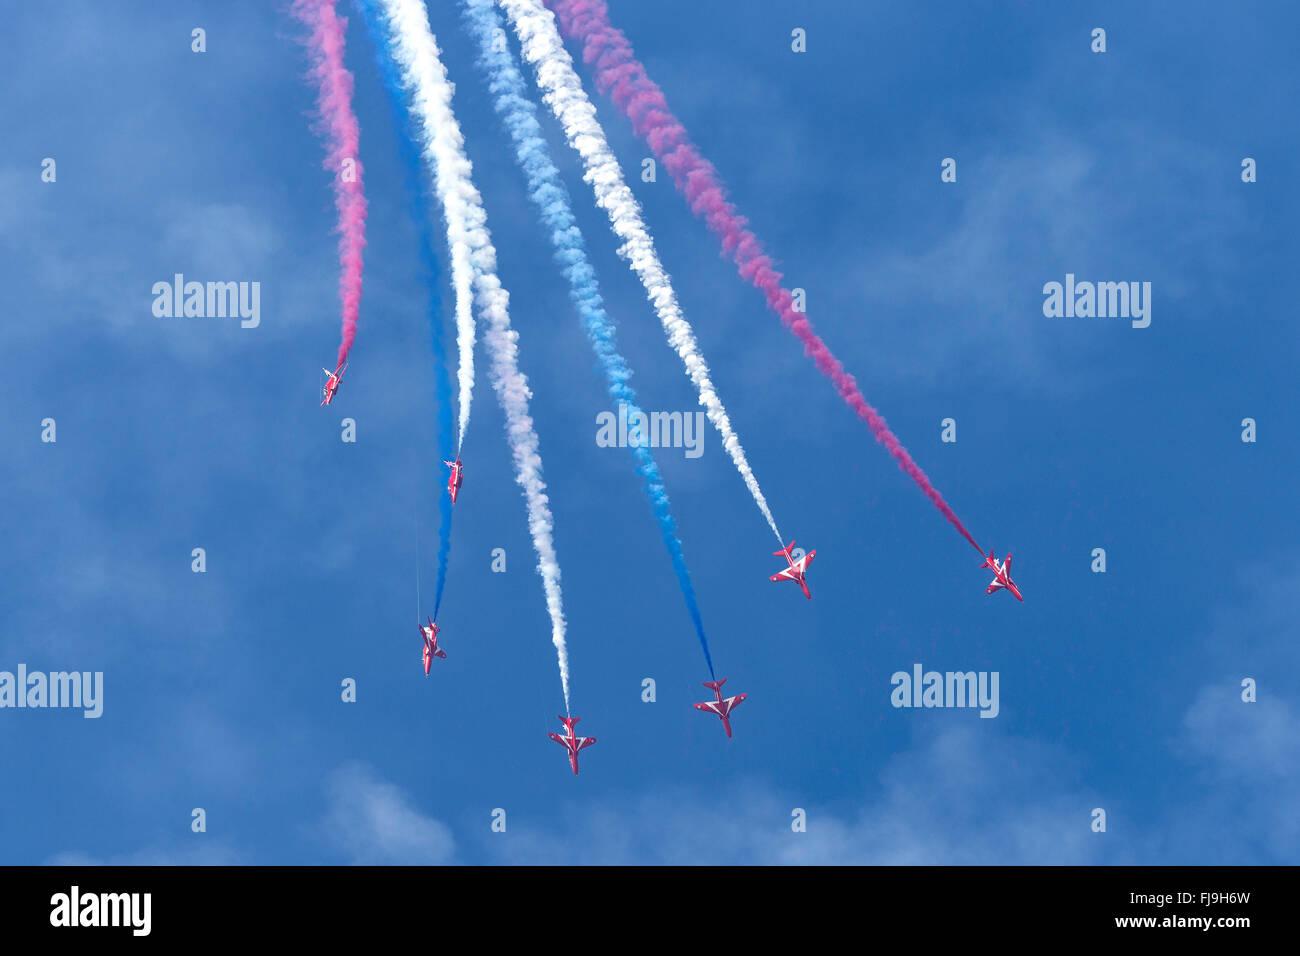 Royal Air Force (RAF) Bildung Kunstflug display Team der Red Arrows fliegen die British Aerospace Hawk t. 1 Schulflugzeug. Stockfoto